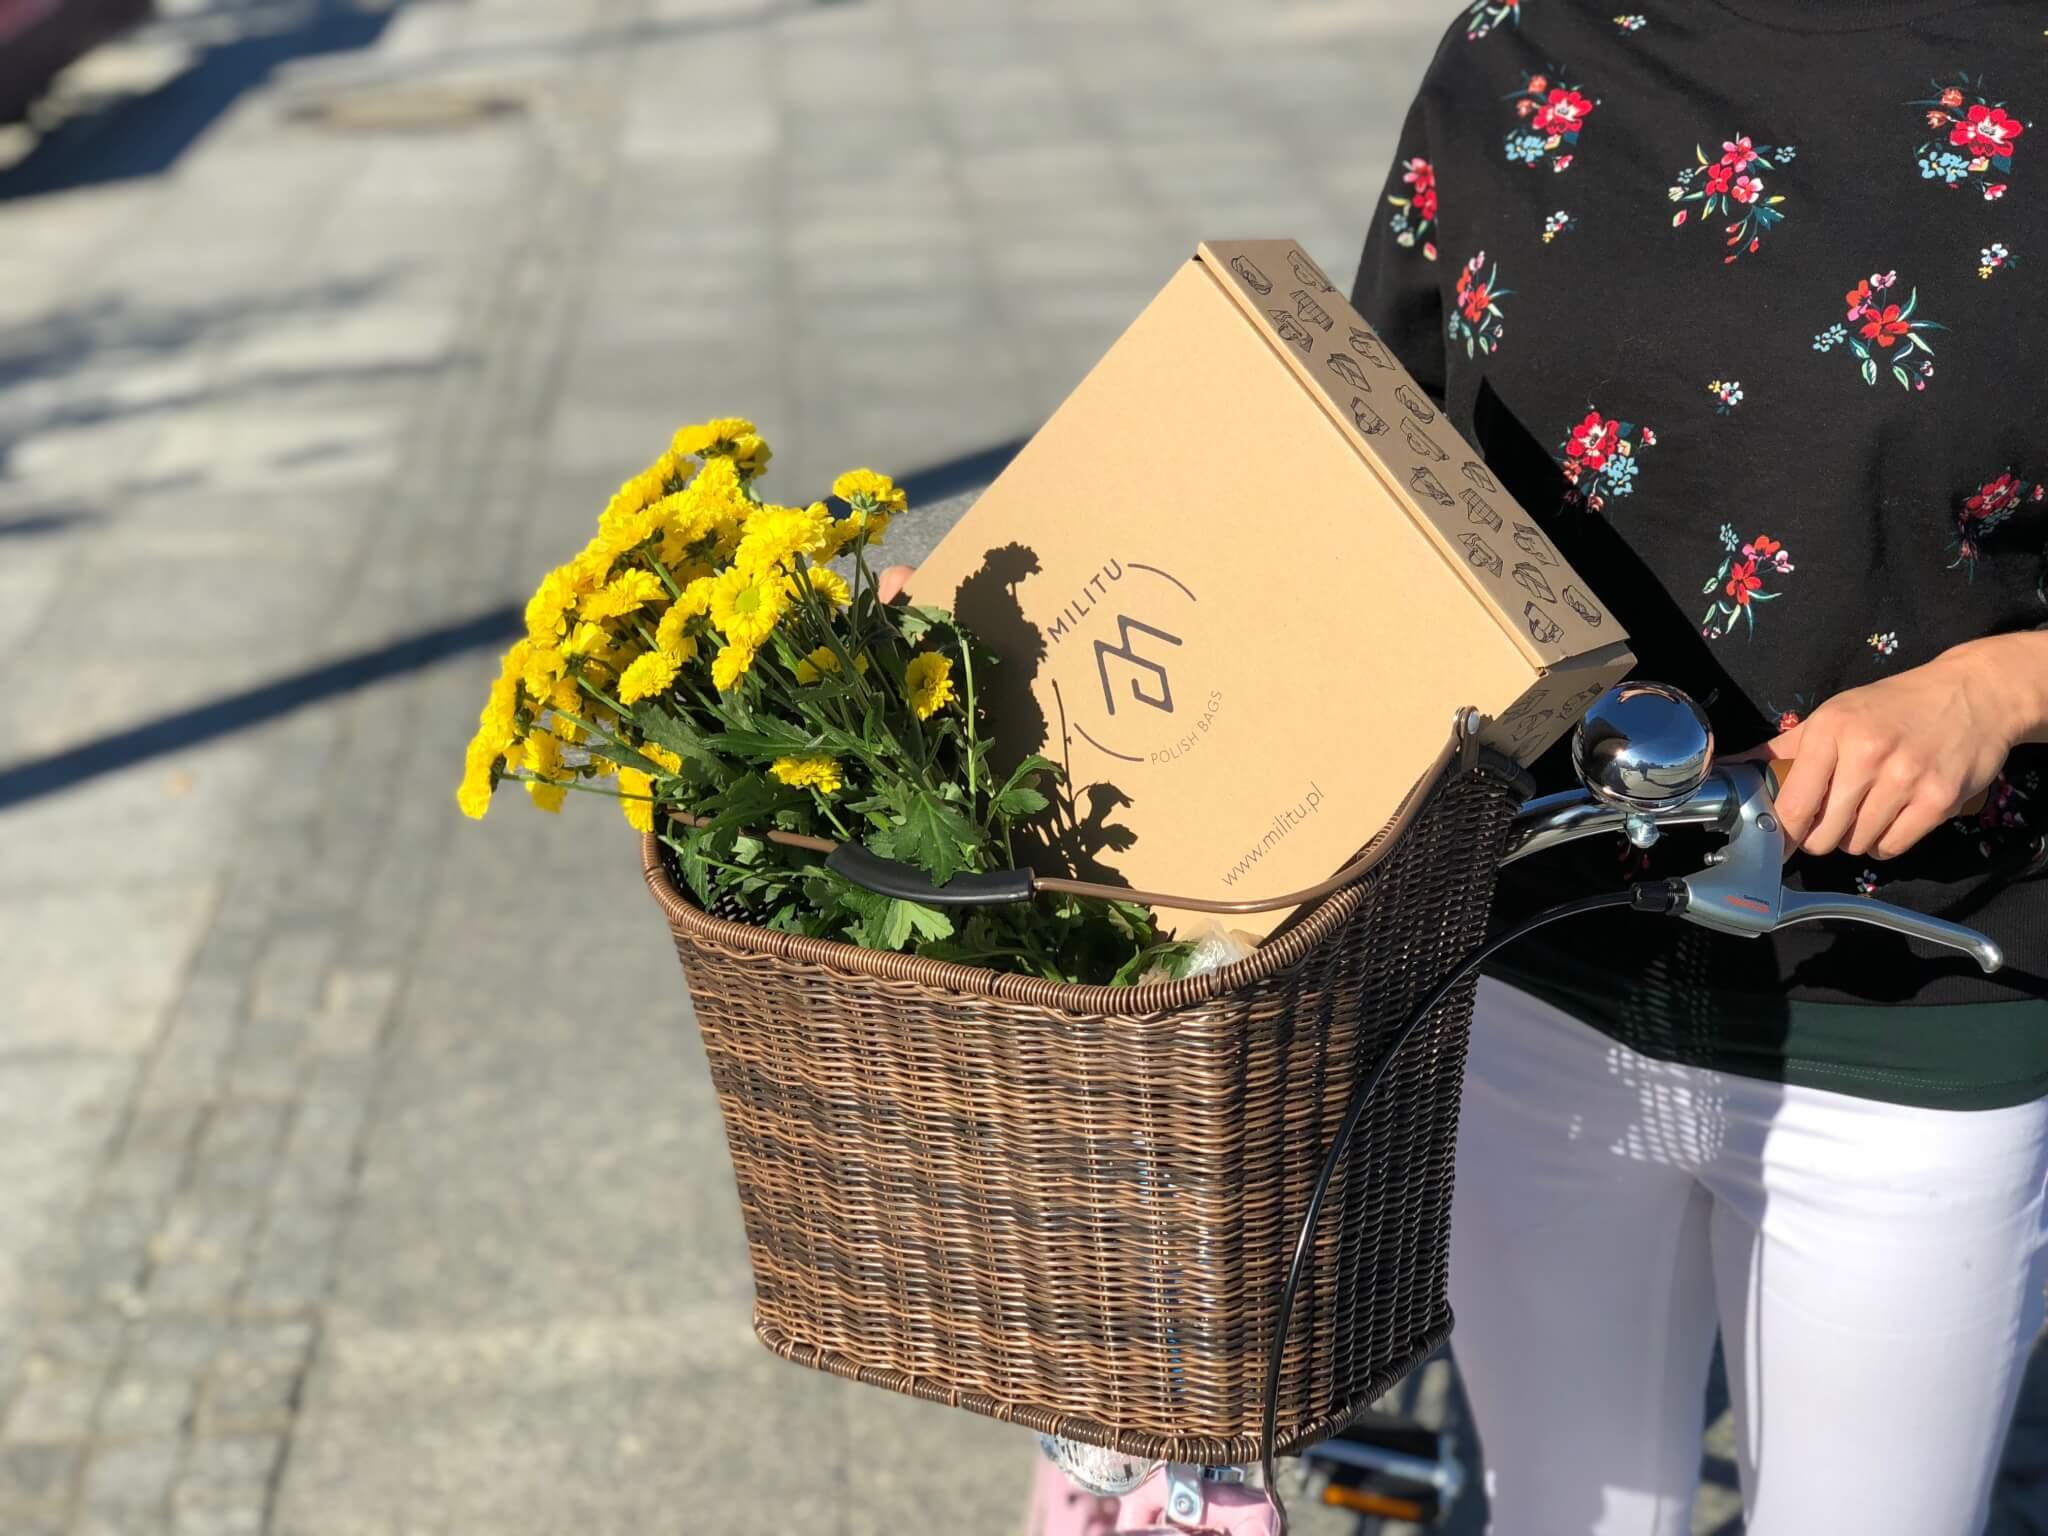 consegna scatola postale e fiori gialli